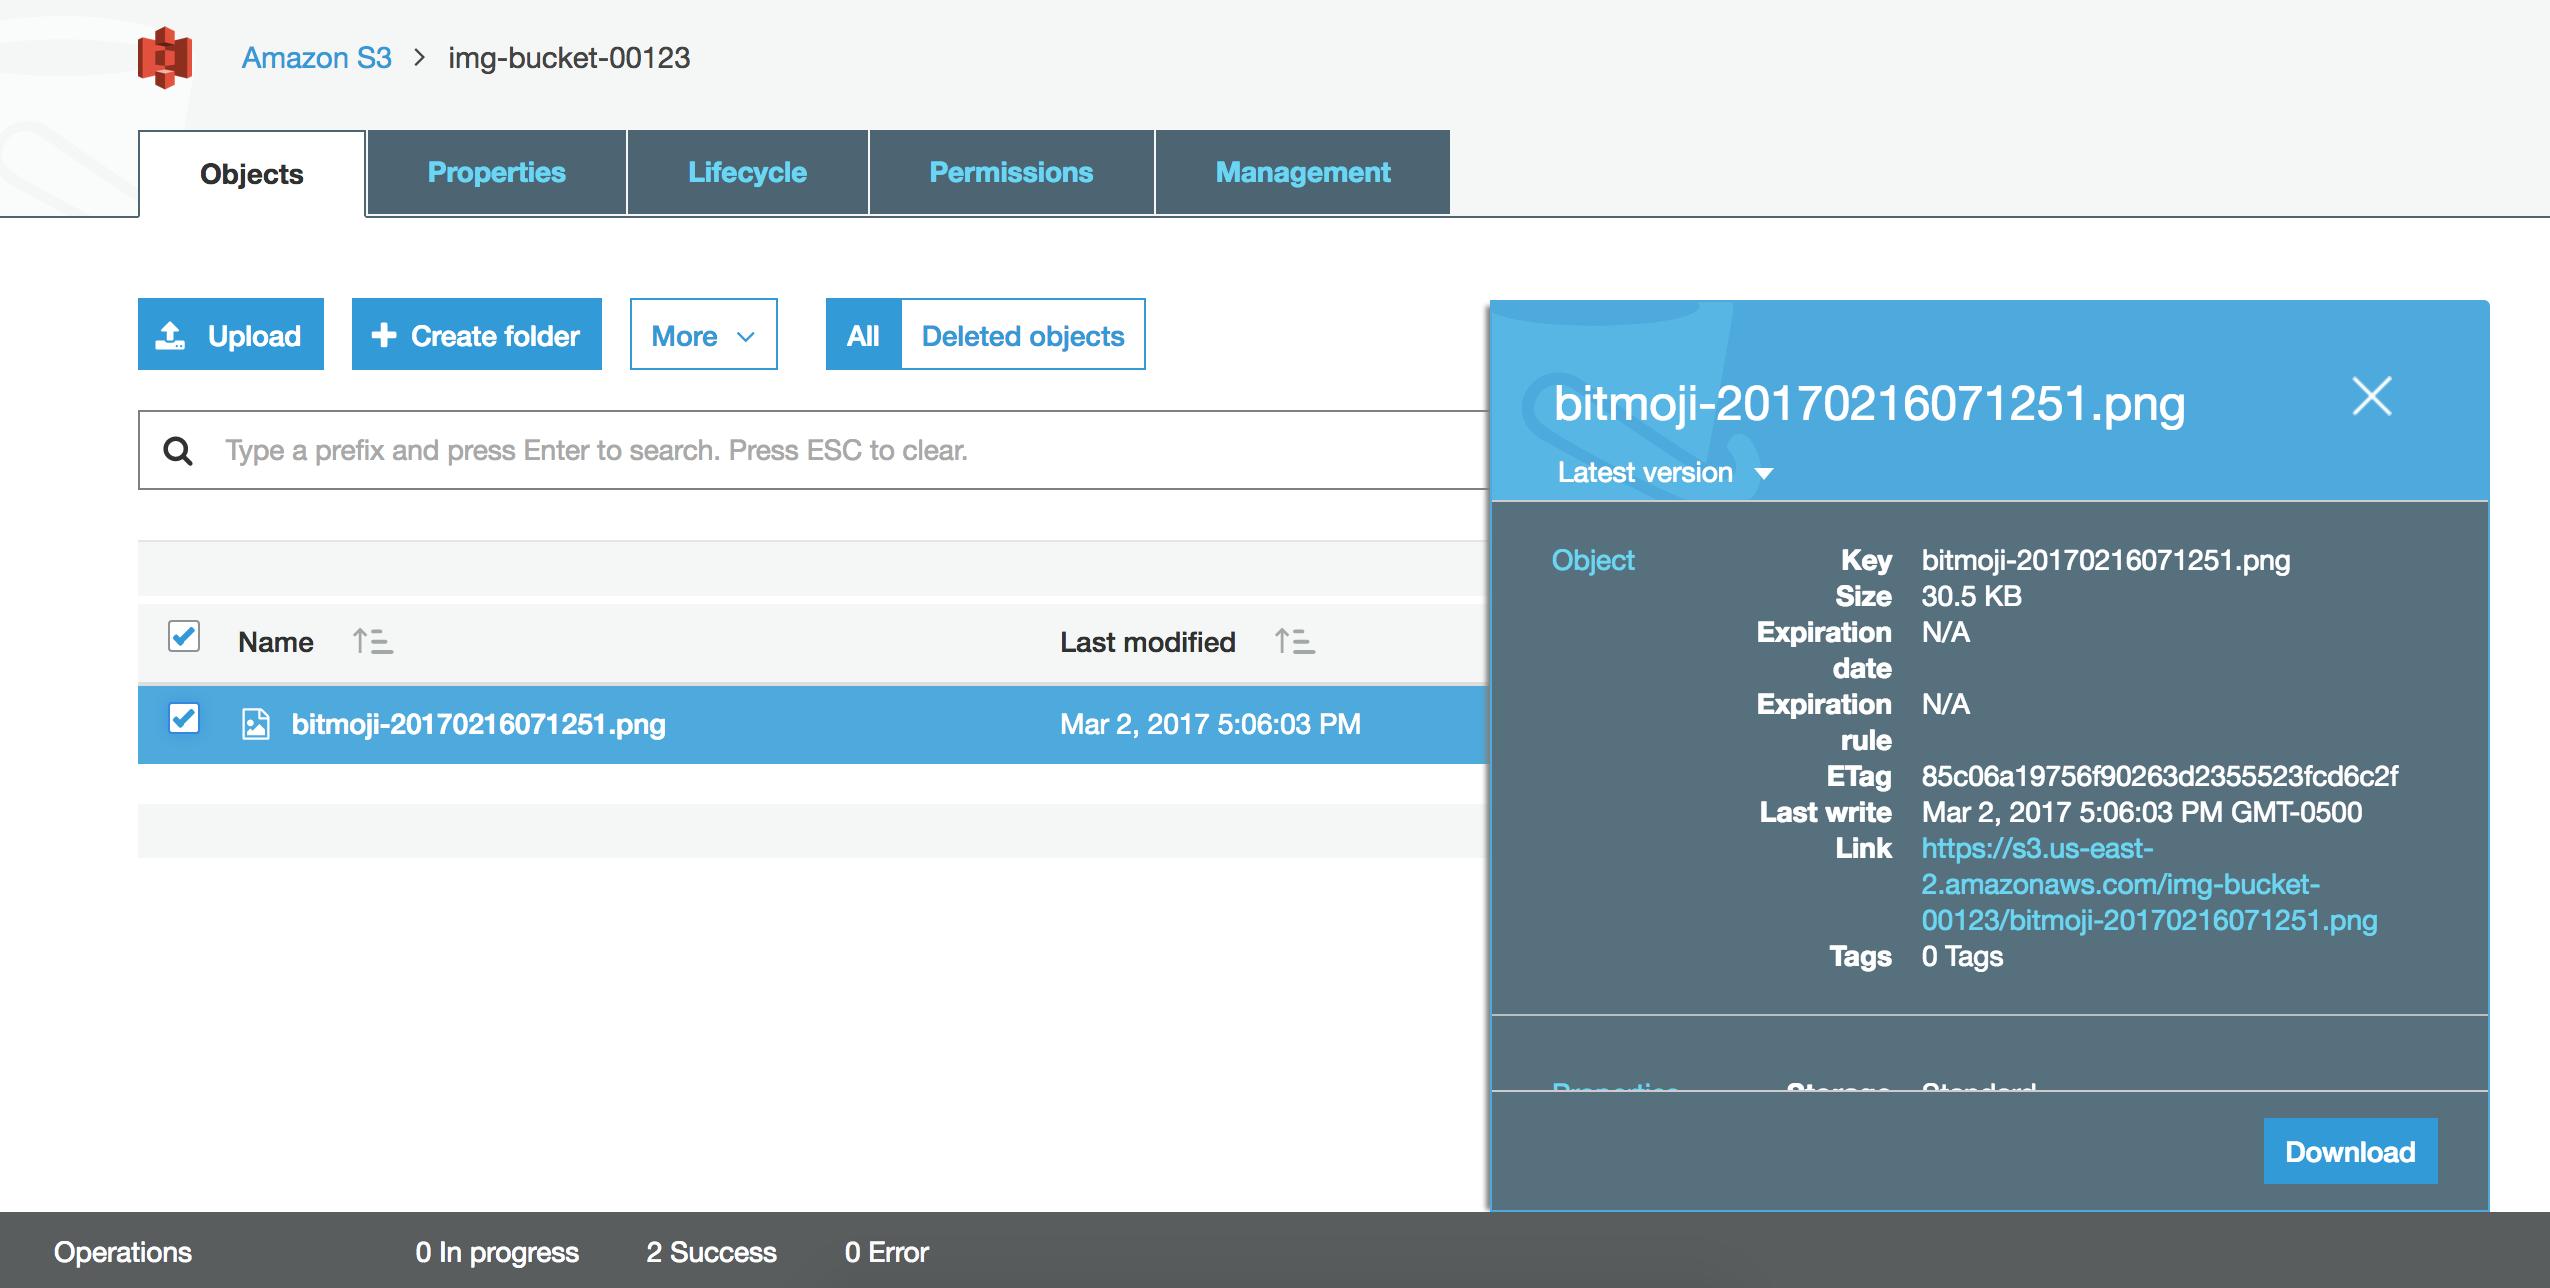 GitHub - keithweaver/python-aws-s3: Demo of AWS S3